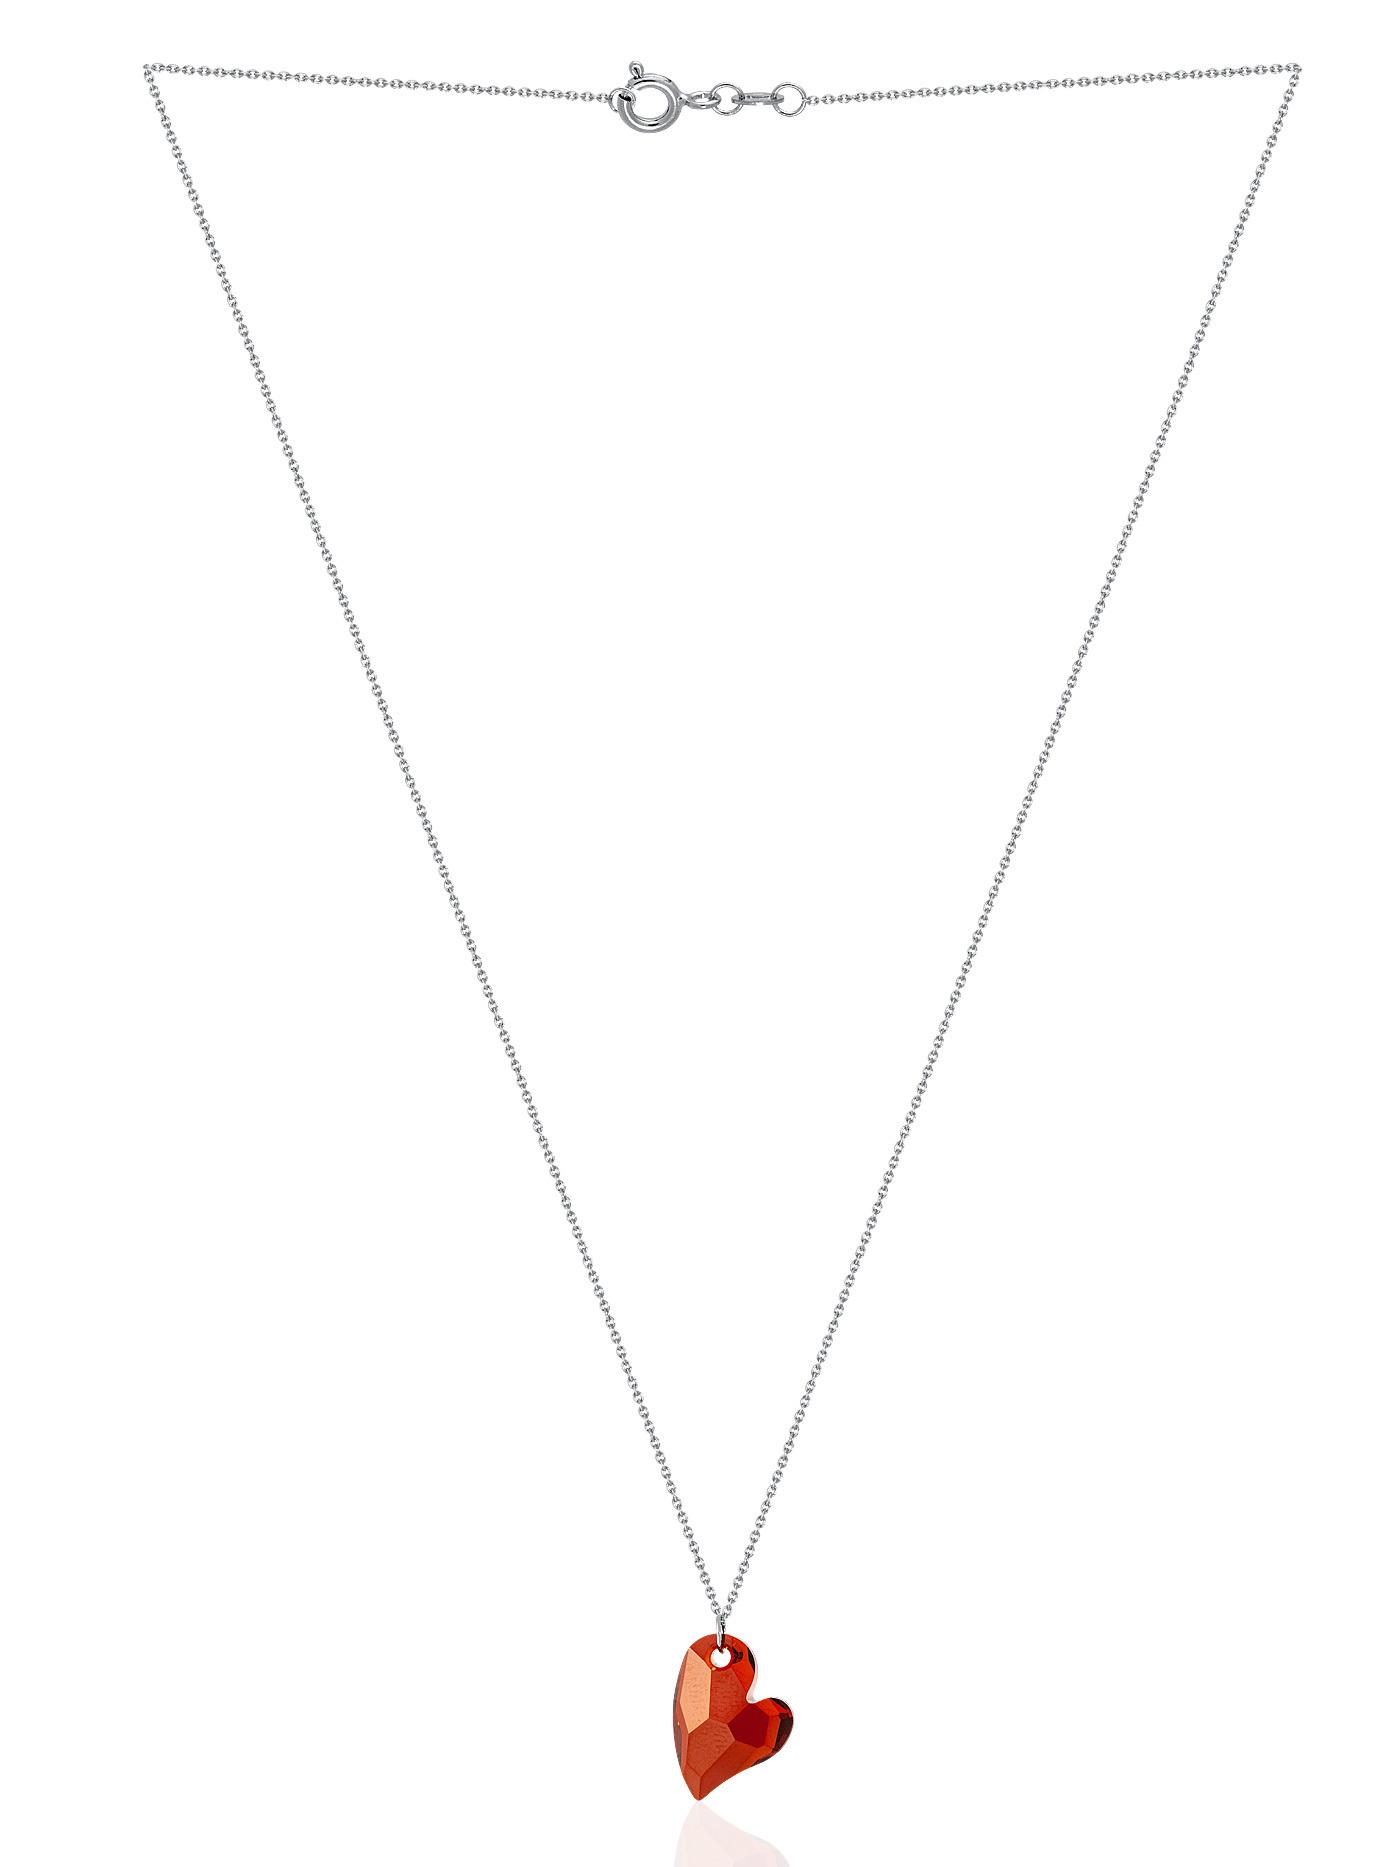 Ювелирная подвеска с кристаллом Swarovski